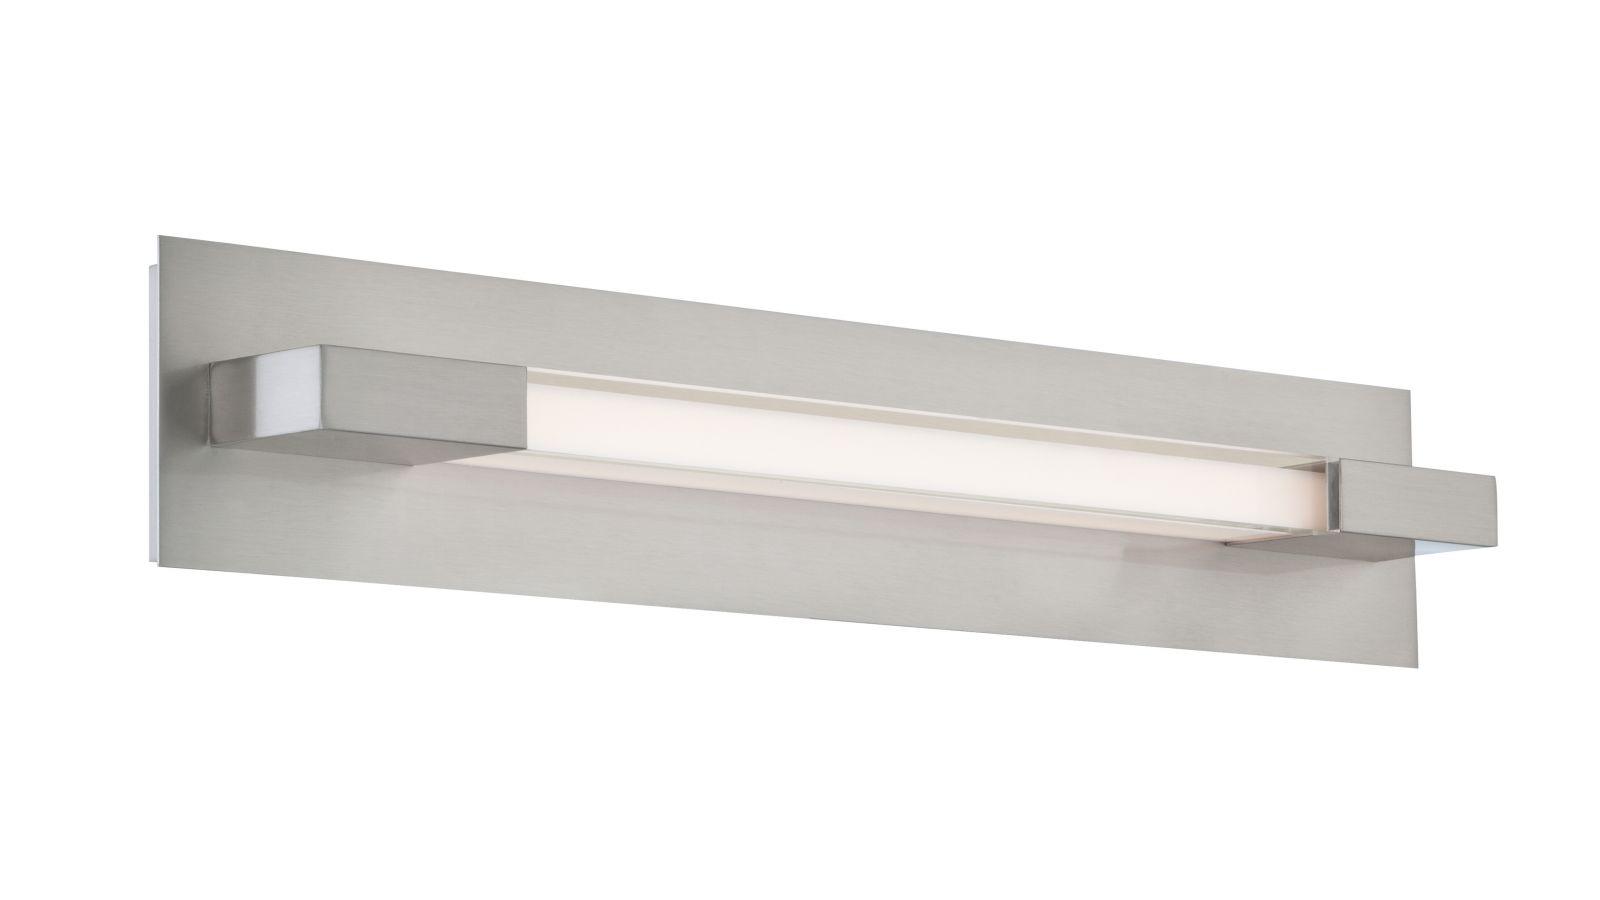 Belina vanity wall/ceiling light fixture